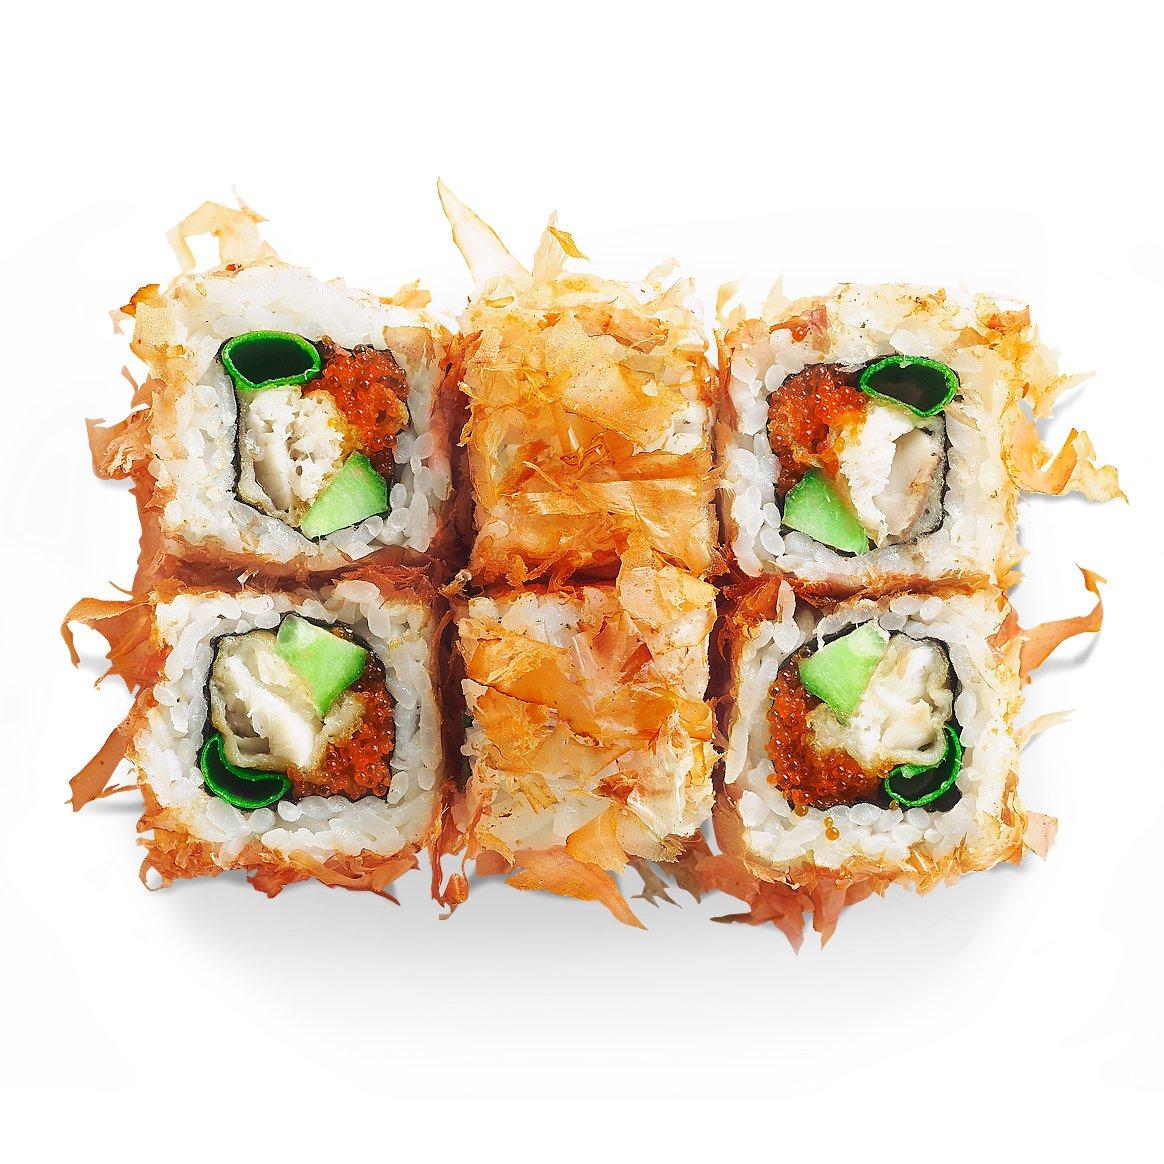 Доставка суши Днепре. Заказать суши на дом. Филадельфия.